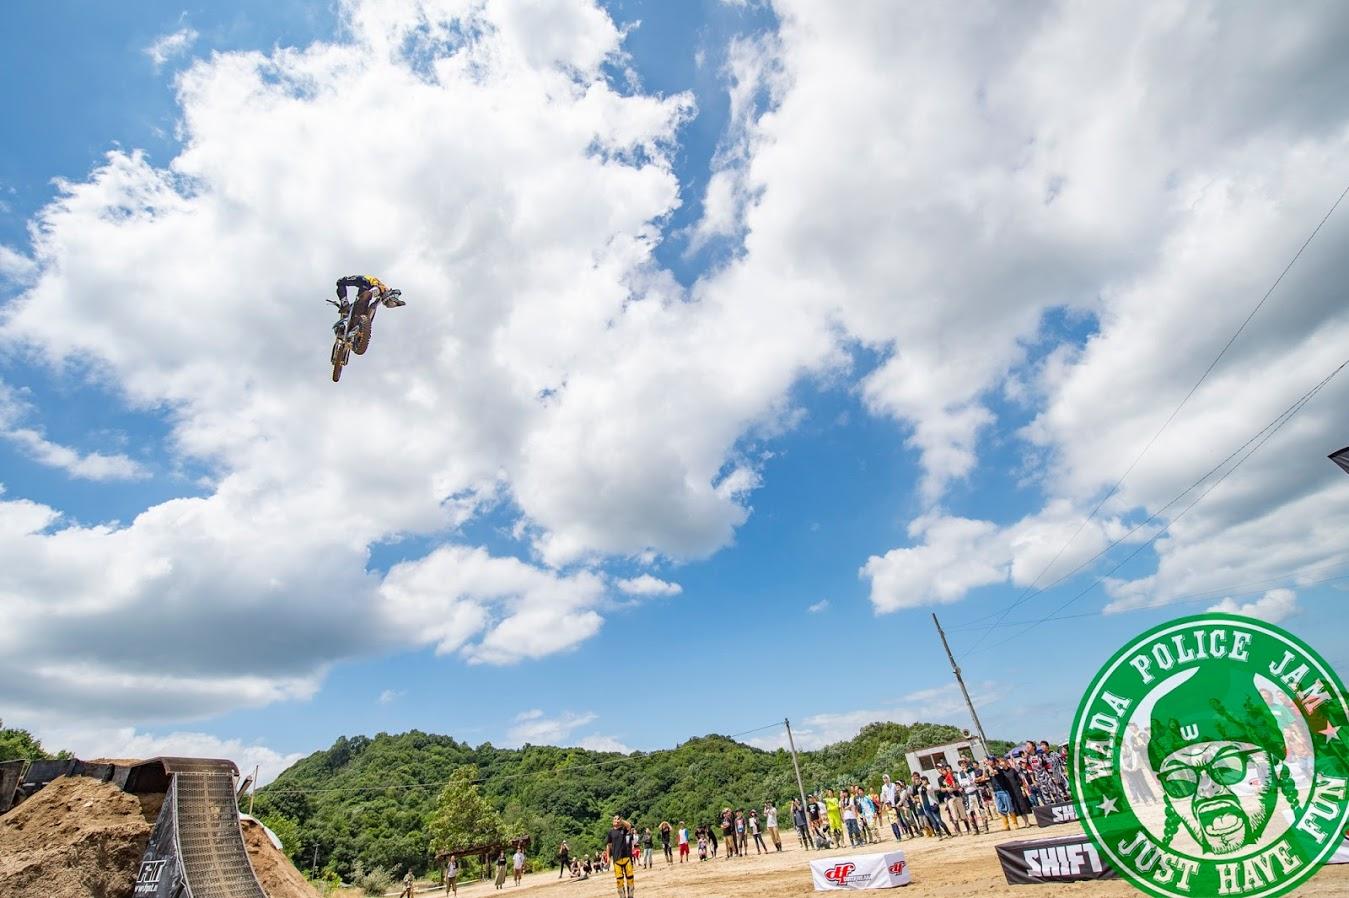 ワダポリジャム 香川 香川スポーツランド 四国 モトクロス motocross mx エンデューロ FMX イベント フリースタイルモトクロス